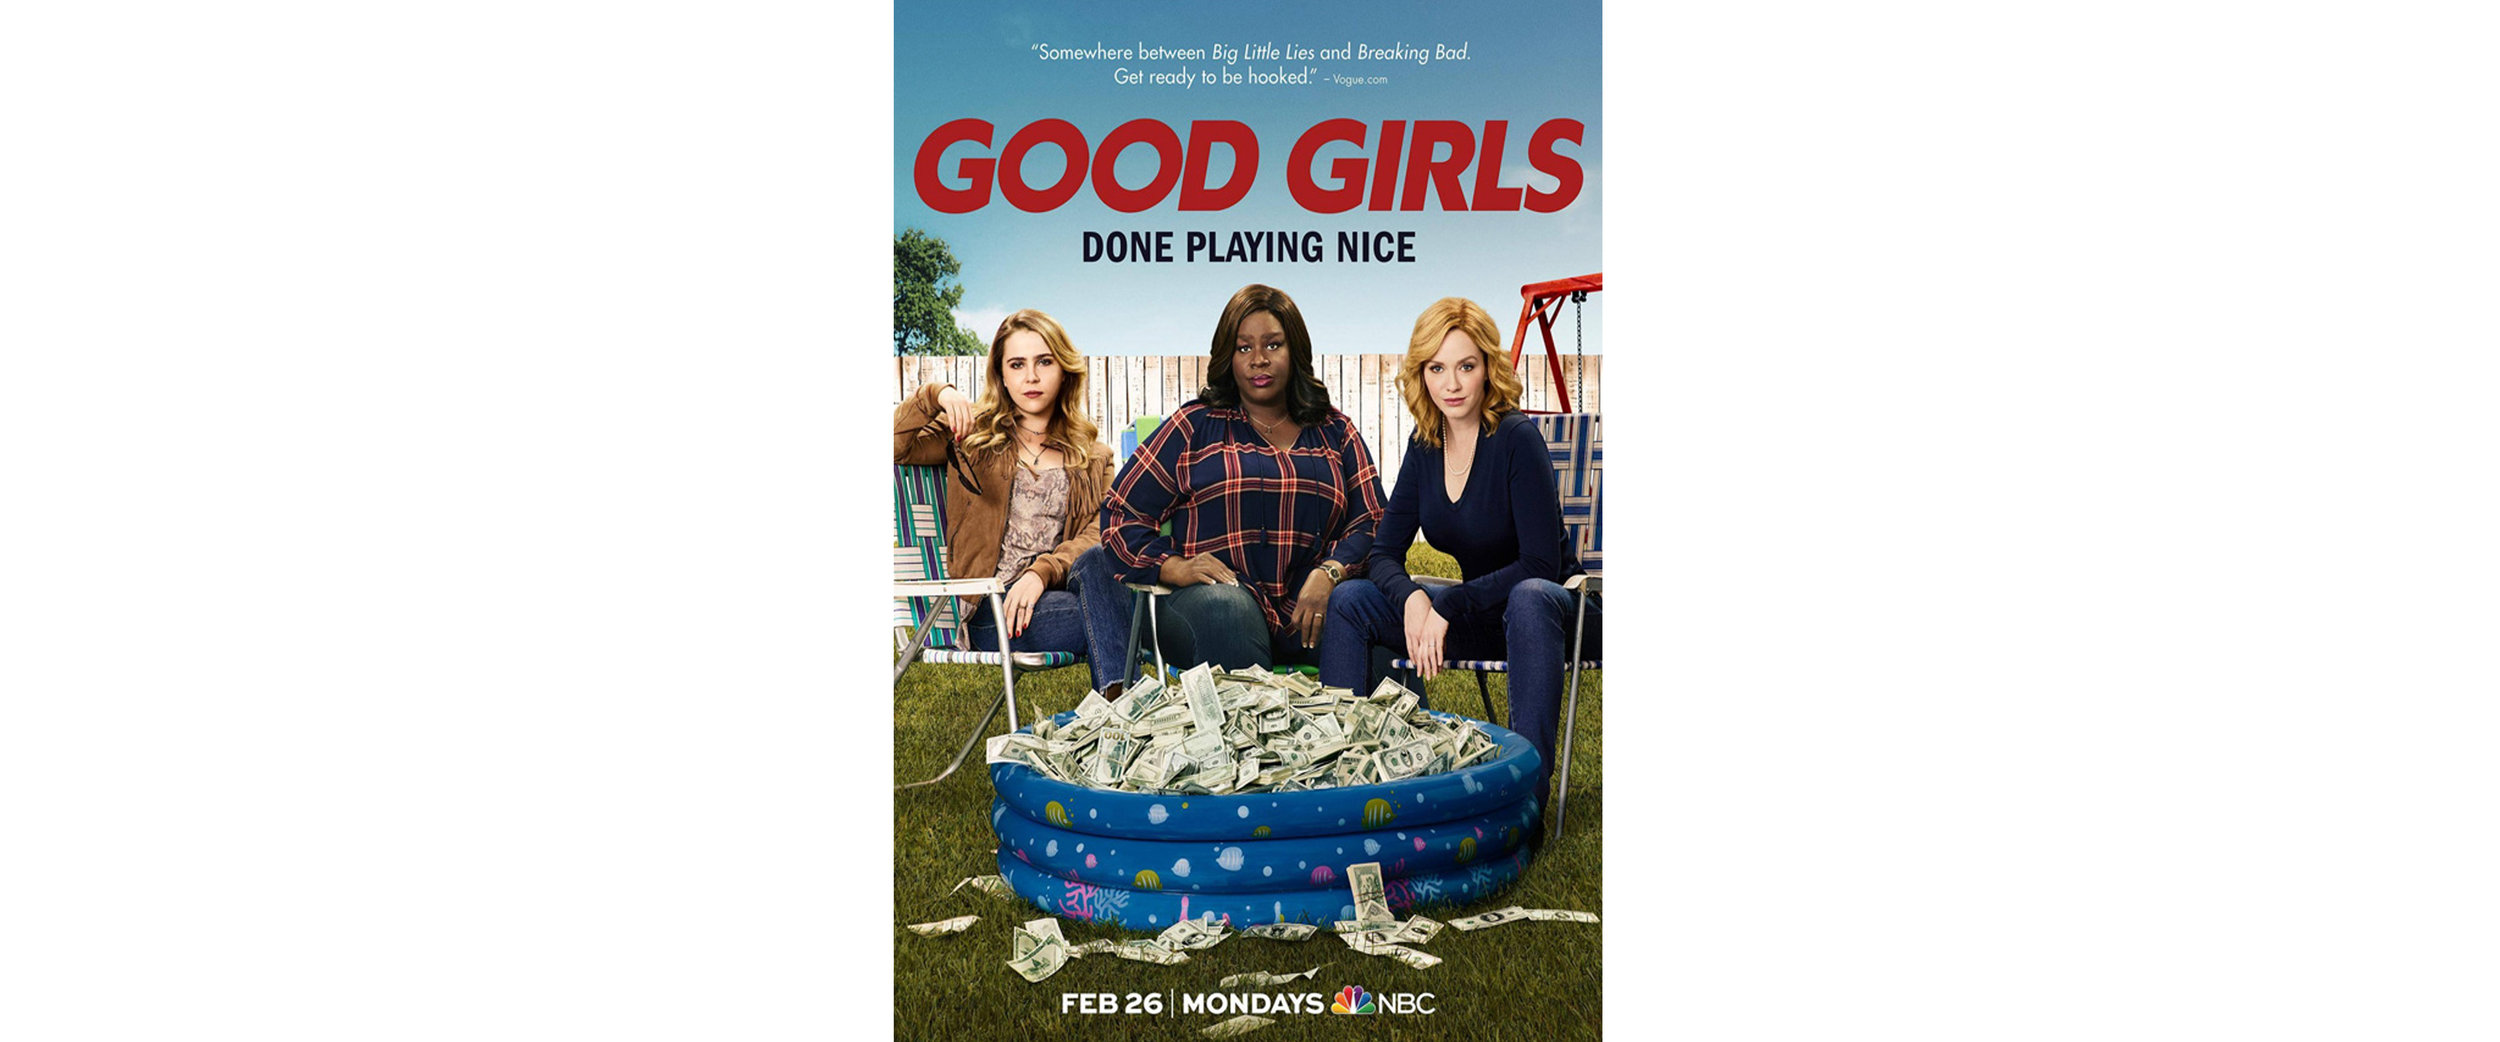 Good Girls_2.jpg